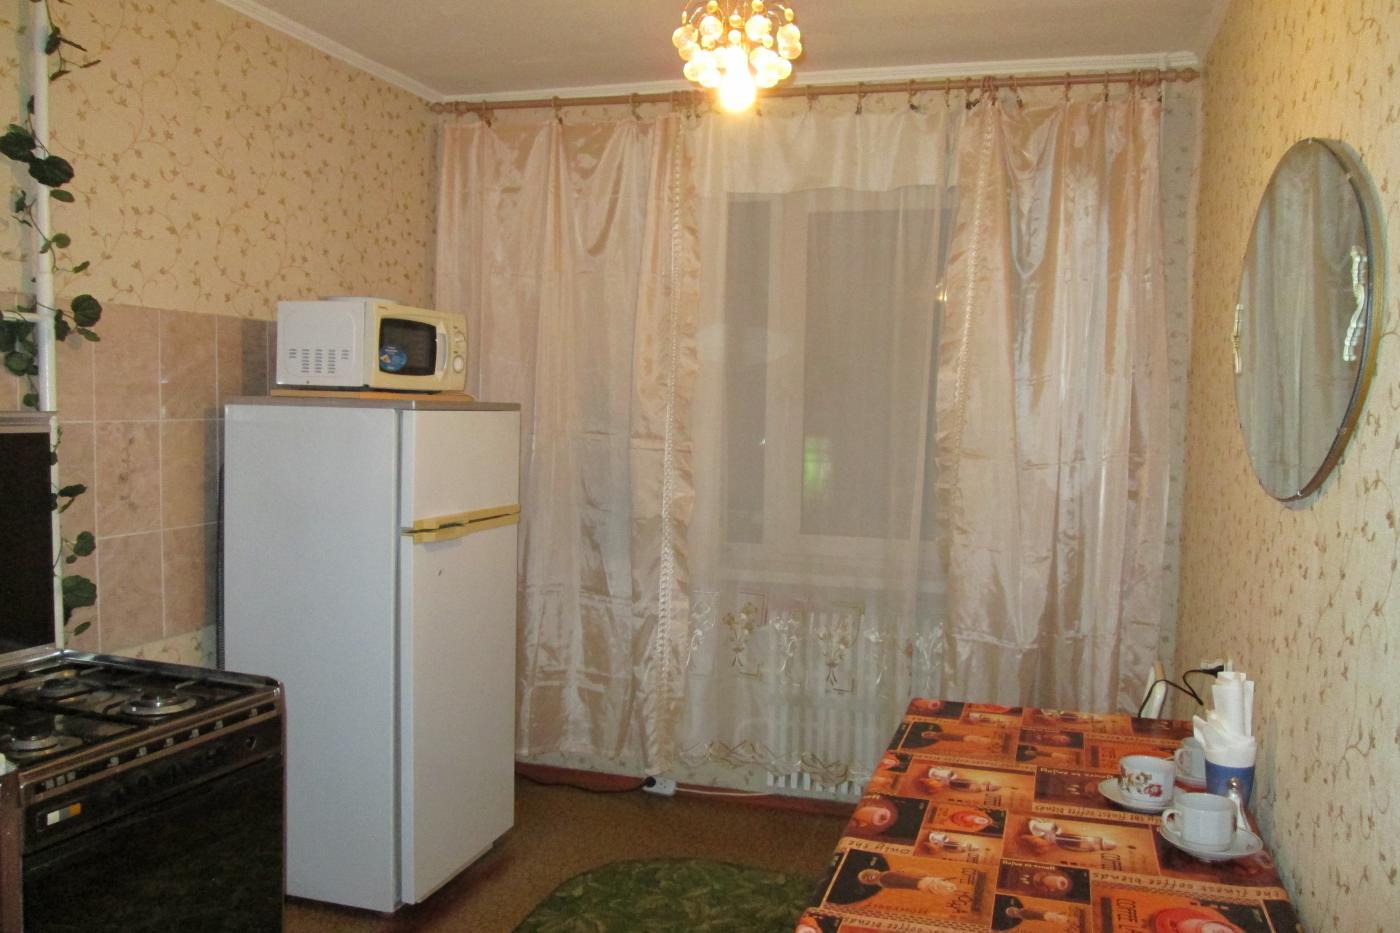 1-комнатная квартира посуточно (вариант № 1935), ул. 8-й Воздушной Армии улица, фото № 2